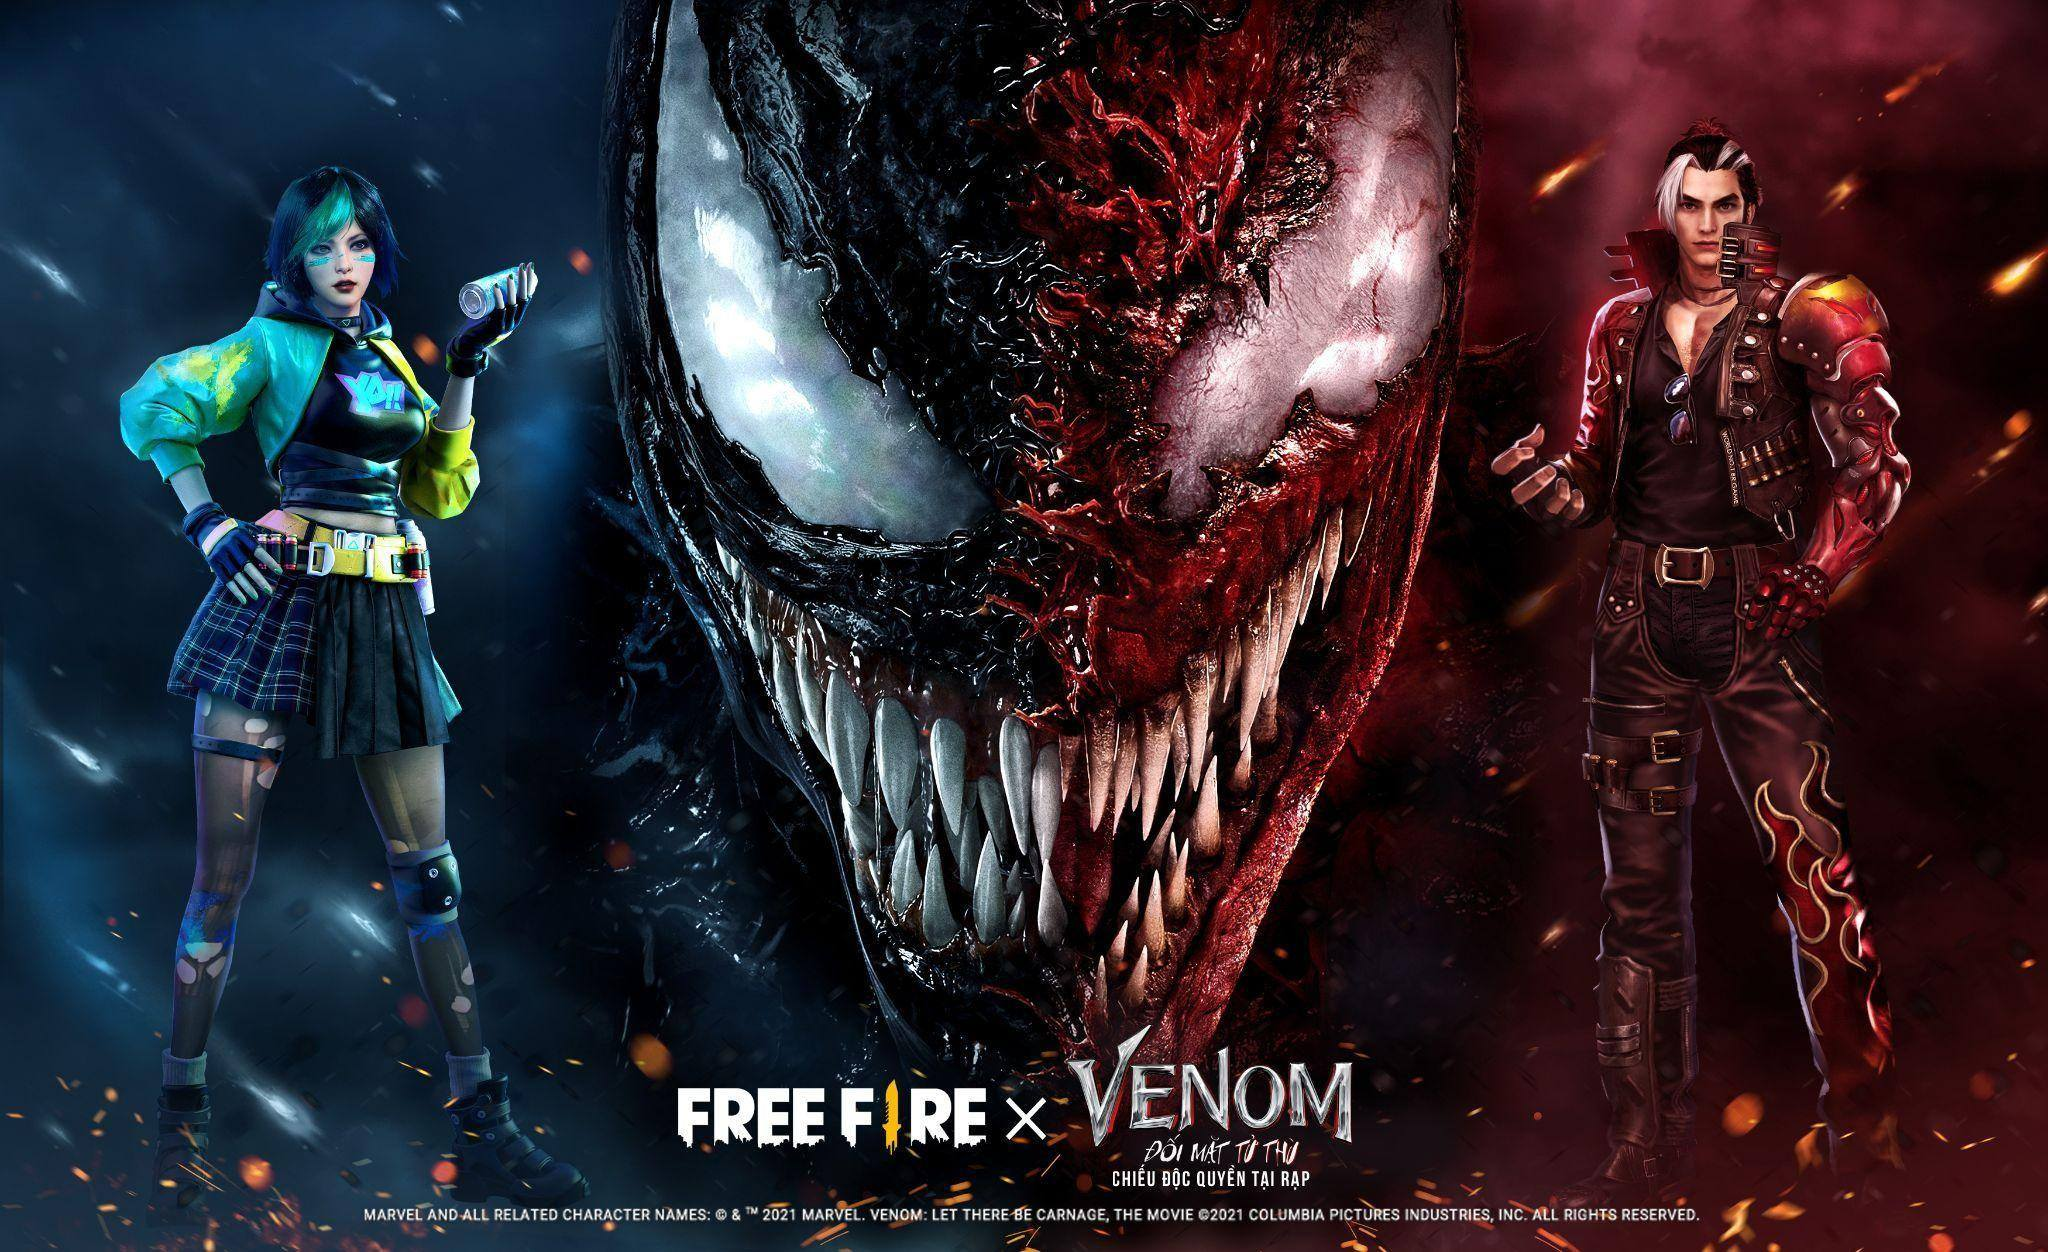 Garena Free Fire: Trải nghiệm trận chiến hỗn loạn từ sự kiện hợp tác phim Venom: Đối Mặt Tử Thù